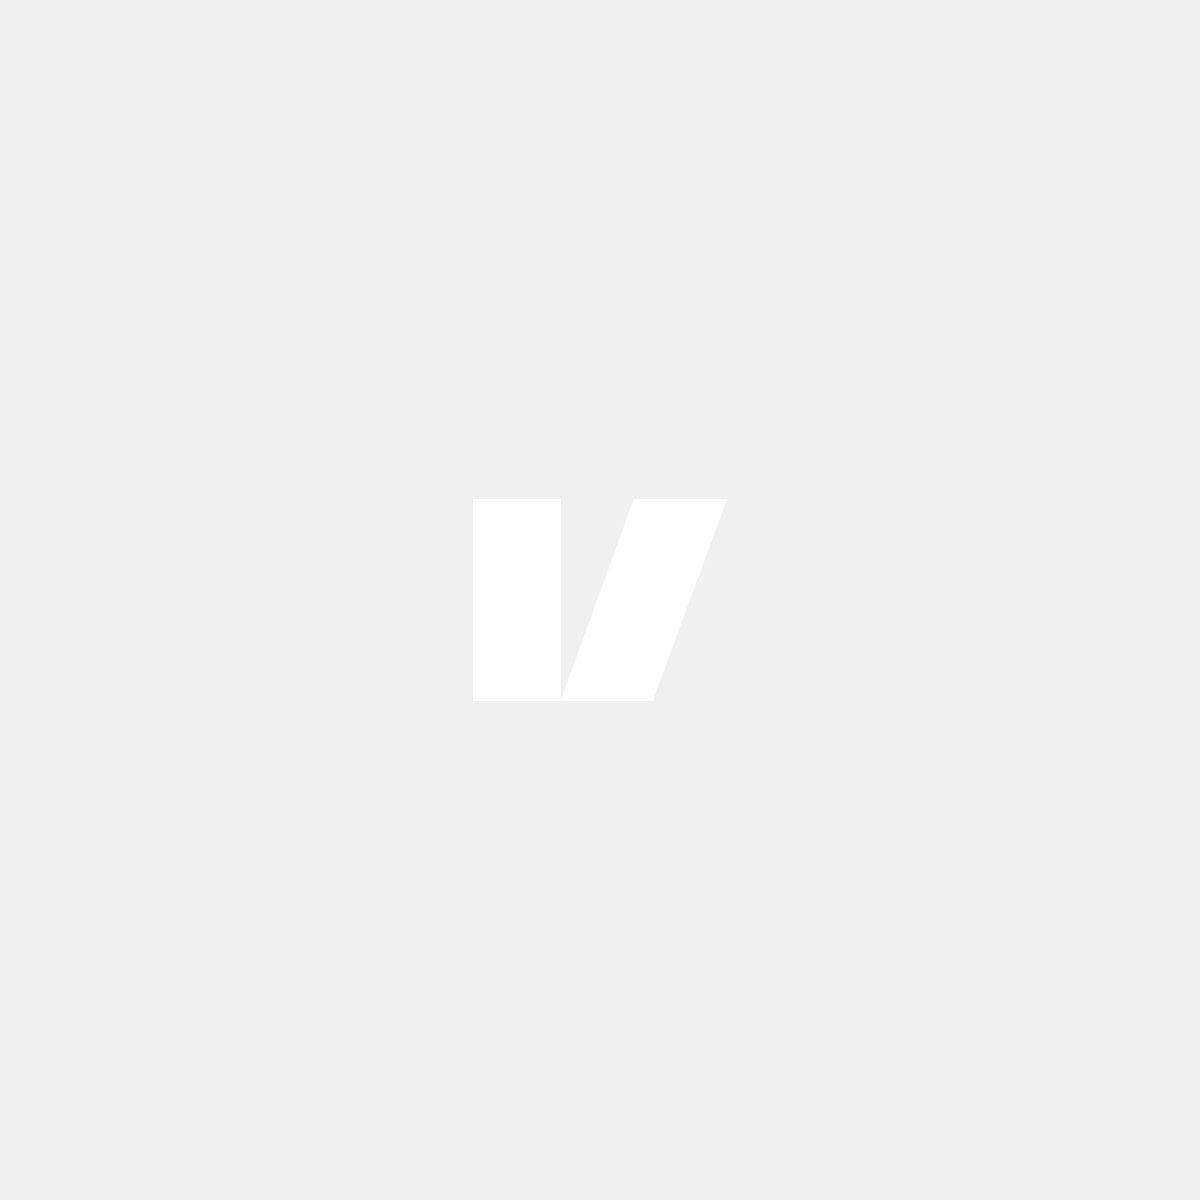 H&R sänkningsfjädersats 40mm, till Volvo V70 08-